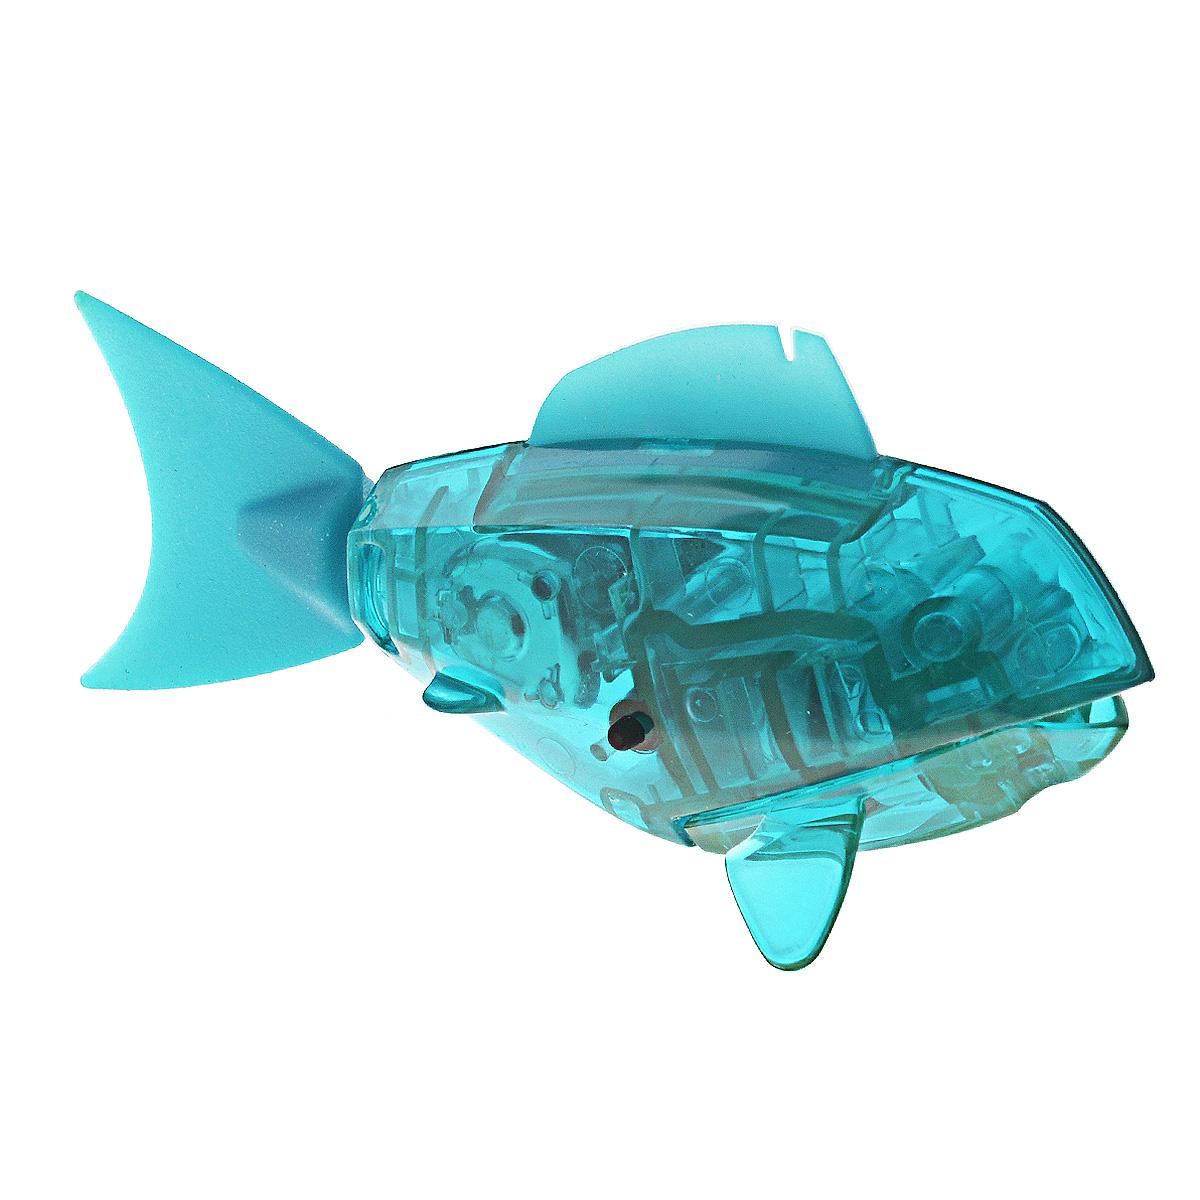 Игровой наюбор Hexbug Aqua Bot, с аквариумом, цвет: бирюзовый deskpets микро робот скитербот цвет зеленый